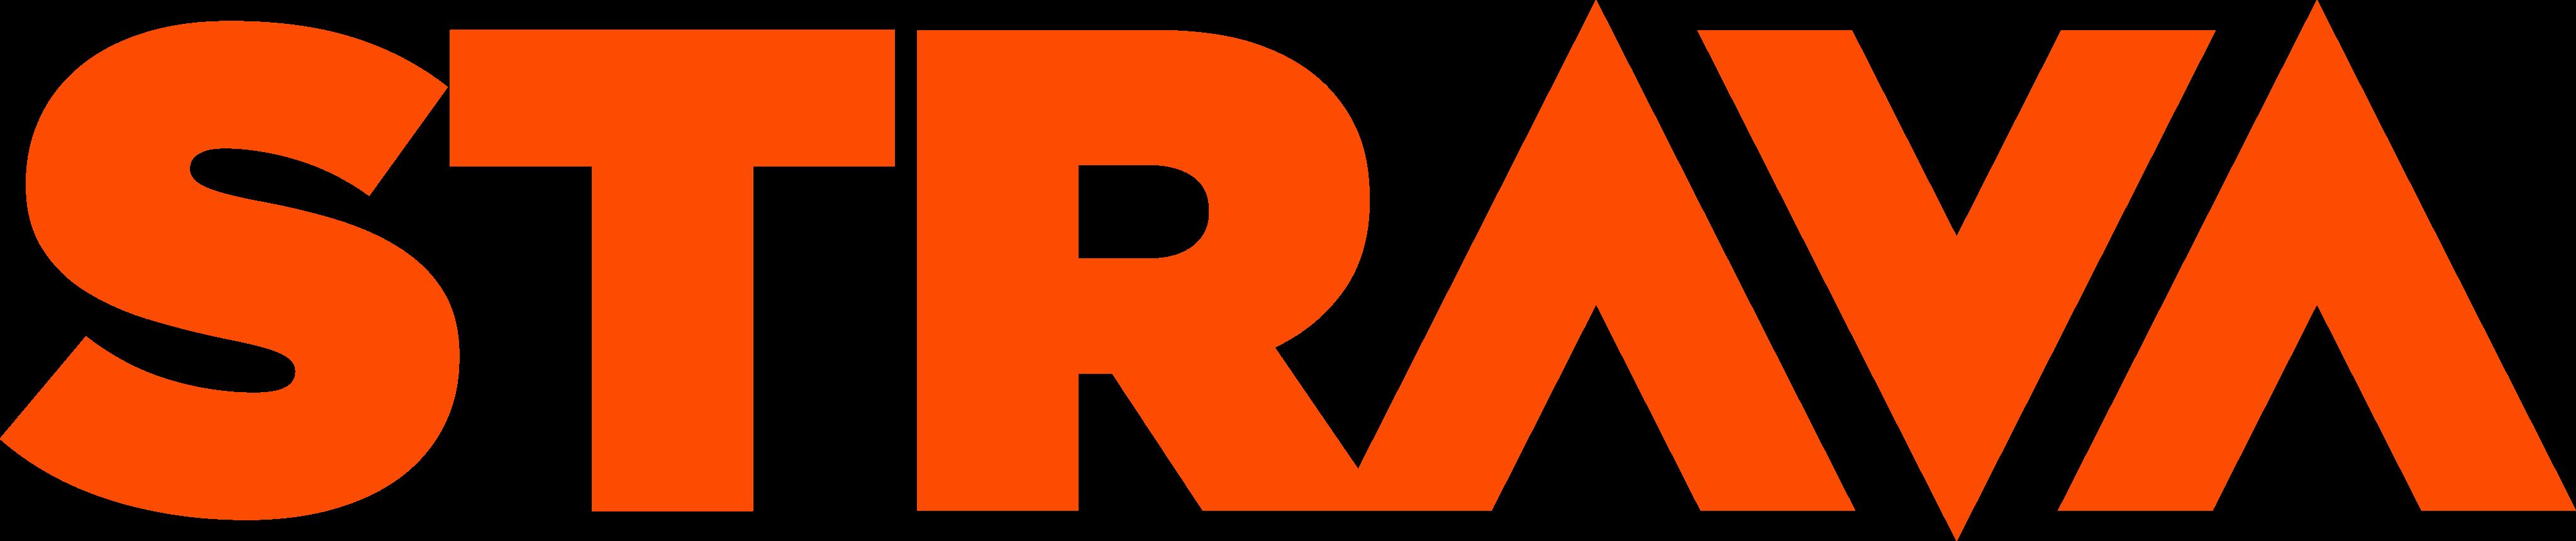 strava logo - Strava Logo